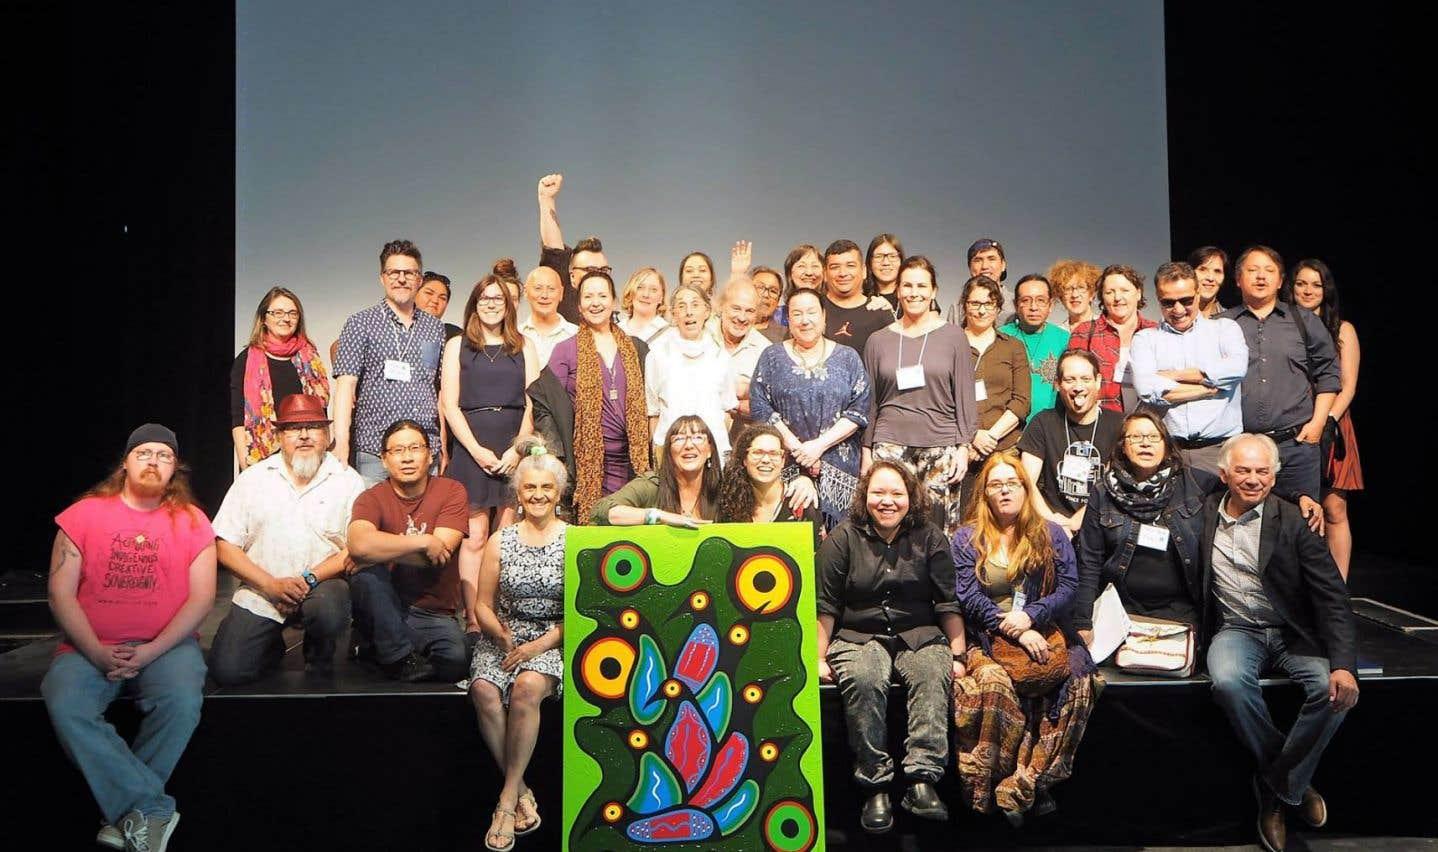 Cinquante-neuf artistes autochtones et quinze organisations culturelles autochtones ont signé le manifeste pour permettre aux artistes autochtones de mieux prendre leur place sur la scène culturelle.